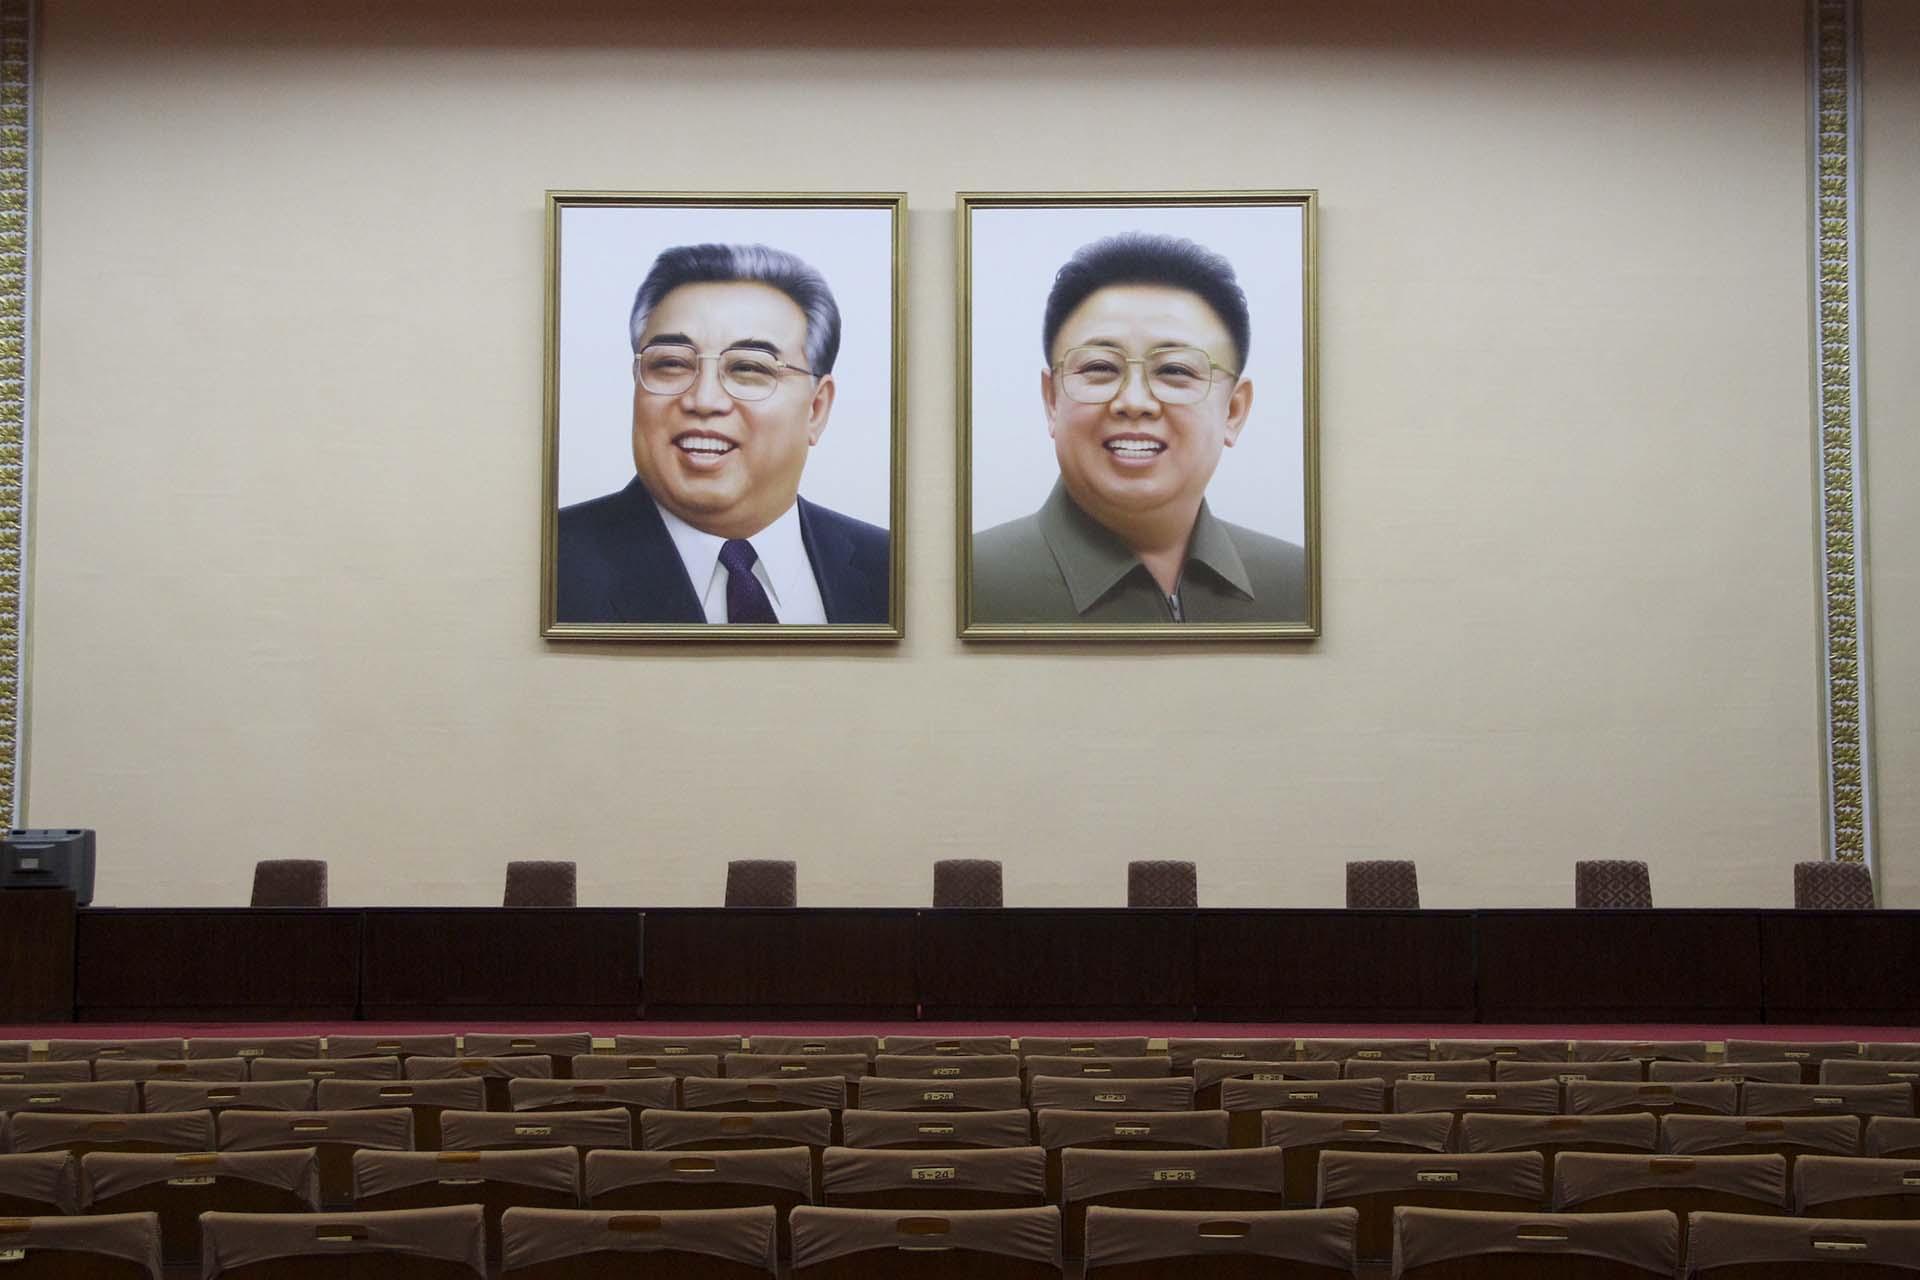 Pyongyang creció como una ciudad donde los líderes están siempre a la vista en el centro del espacio arquitectónico, tal como sentenció Kim Jong Il, pero también están en los rincones: en todas las oficinas, en las aulas de las escuelas, en los vagones de subte y de tren, en las entradas de los principales edificios públicos y en todos los hogares del país hay retratos oficiales de los dos Kim